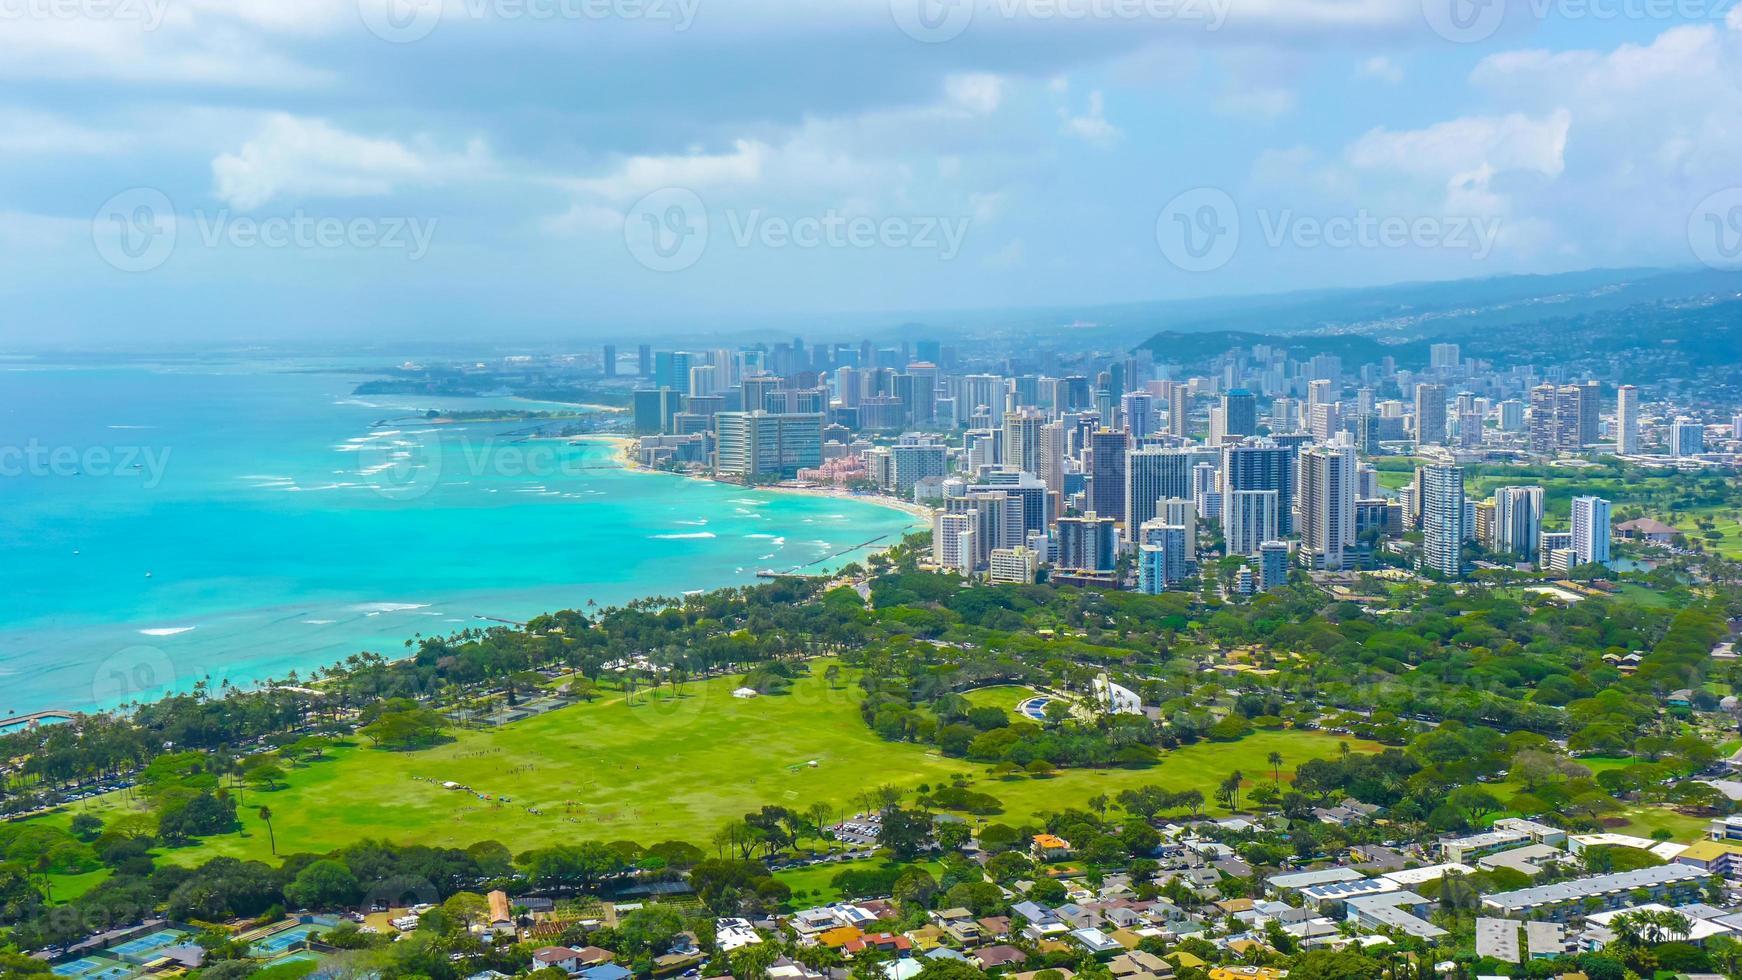 città tropicale sulla spiaggia foto